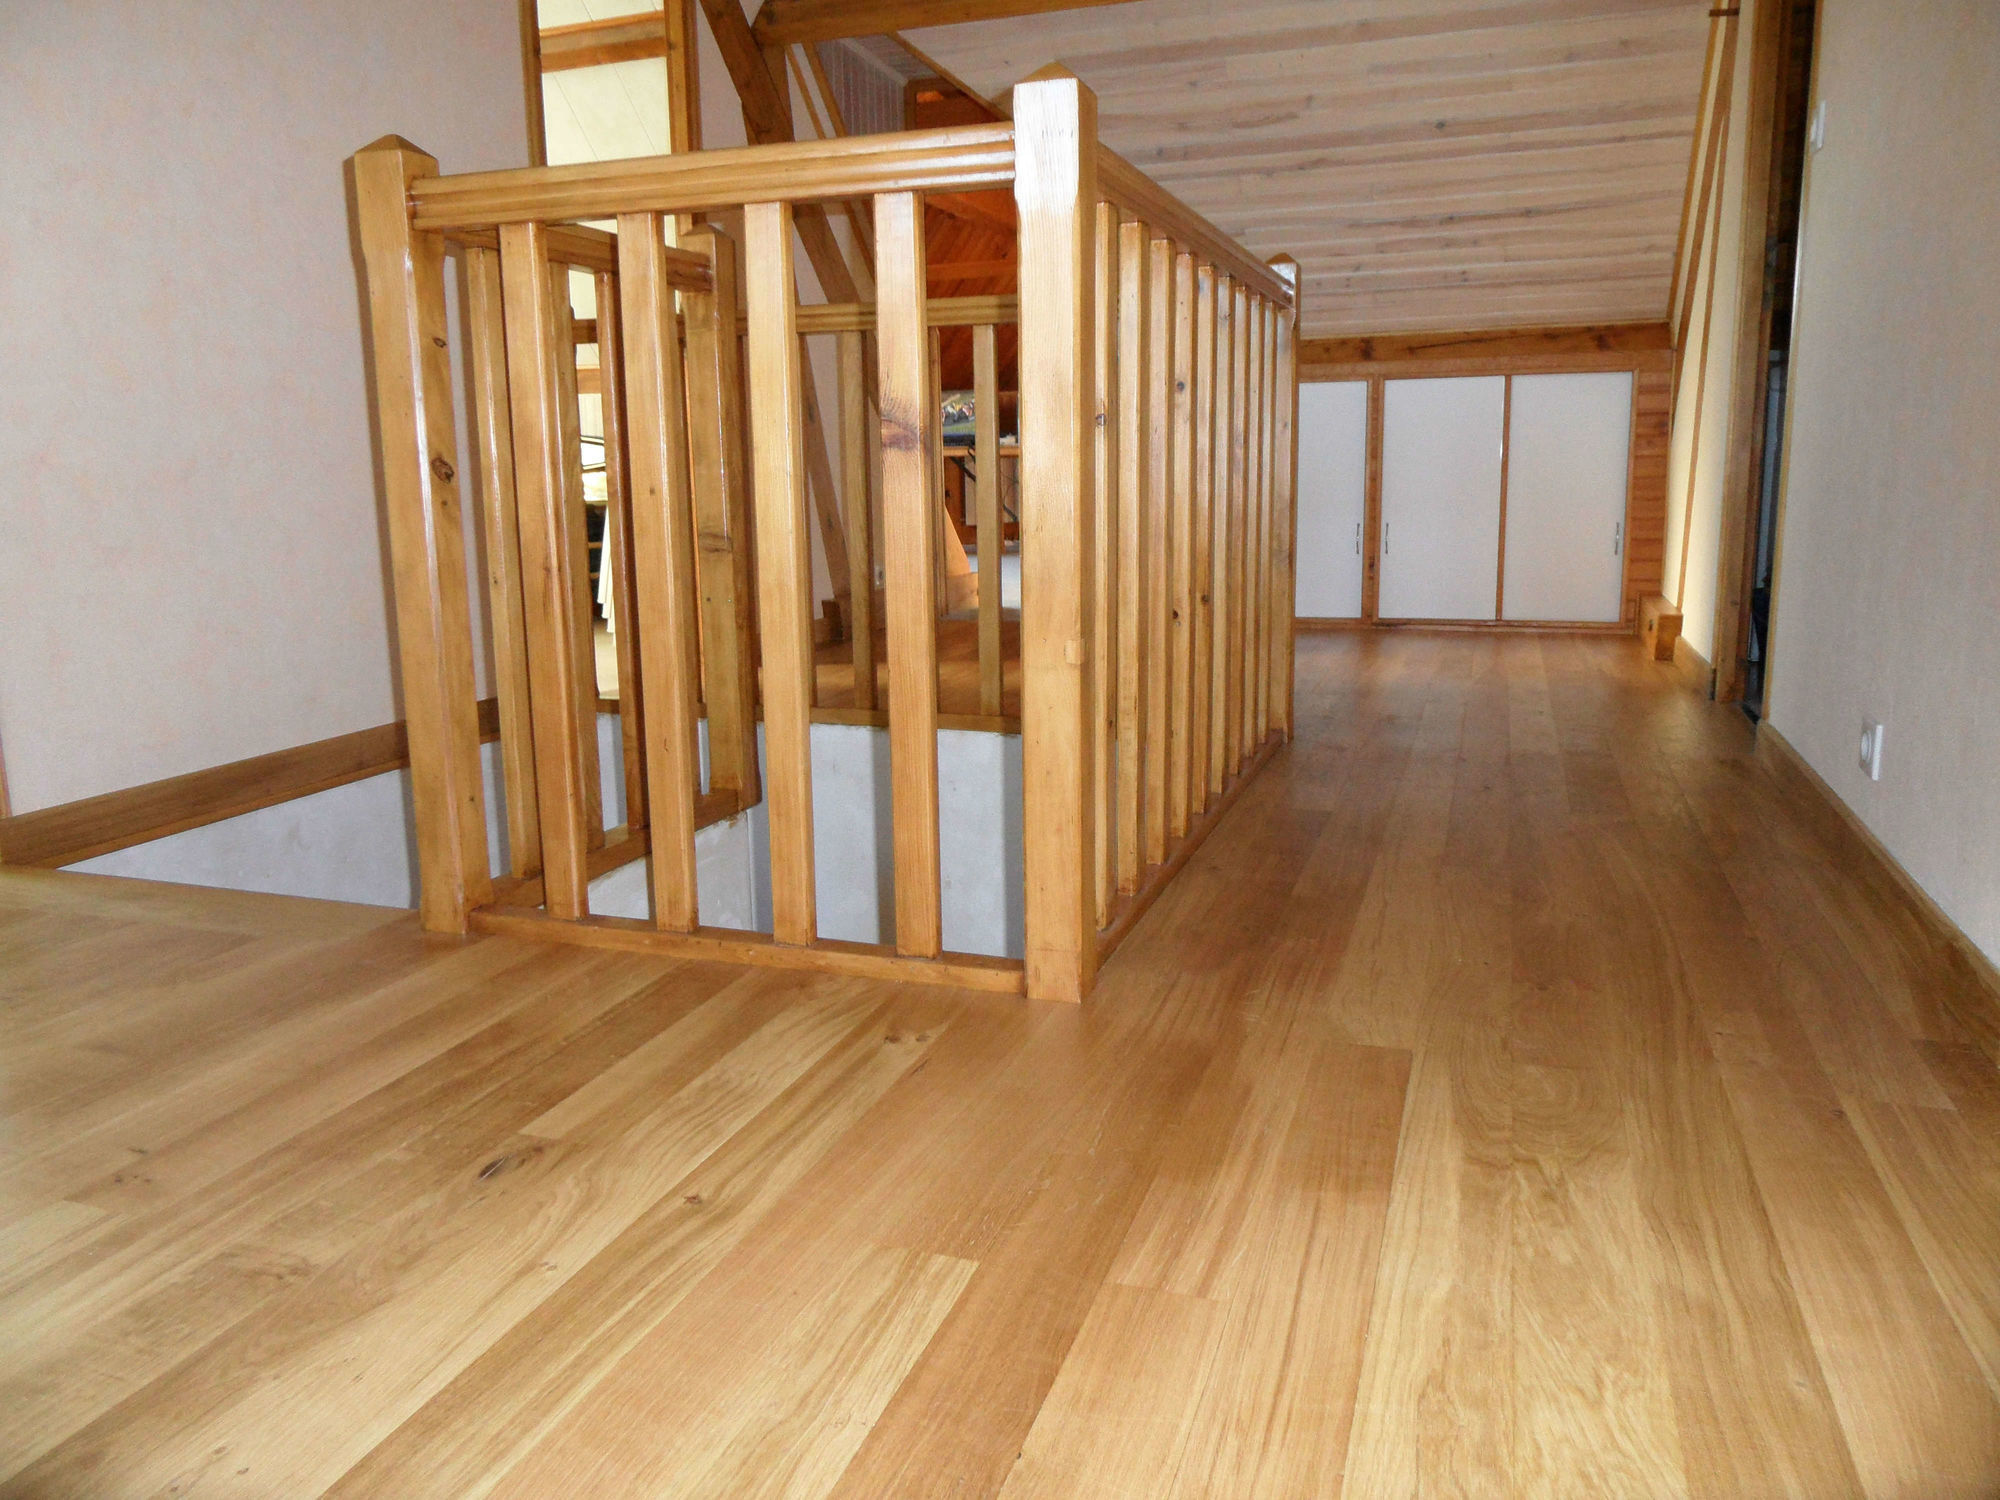 parquet troyes scierie b zier finition ch ne 100 massif bois. Black Bedroom Furniture Sets. Home Design Ideas